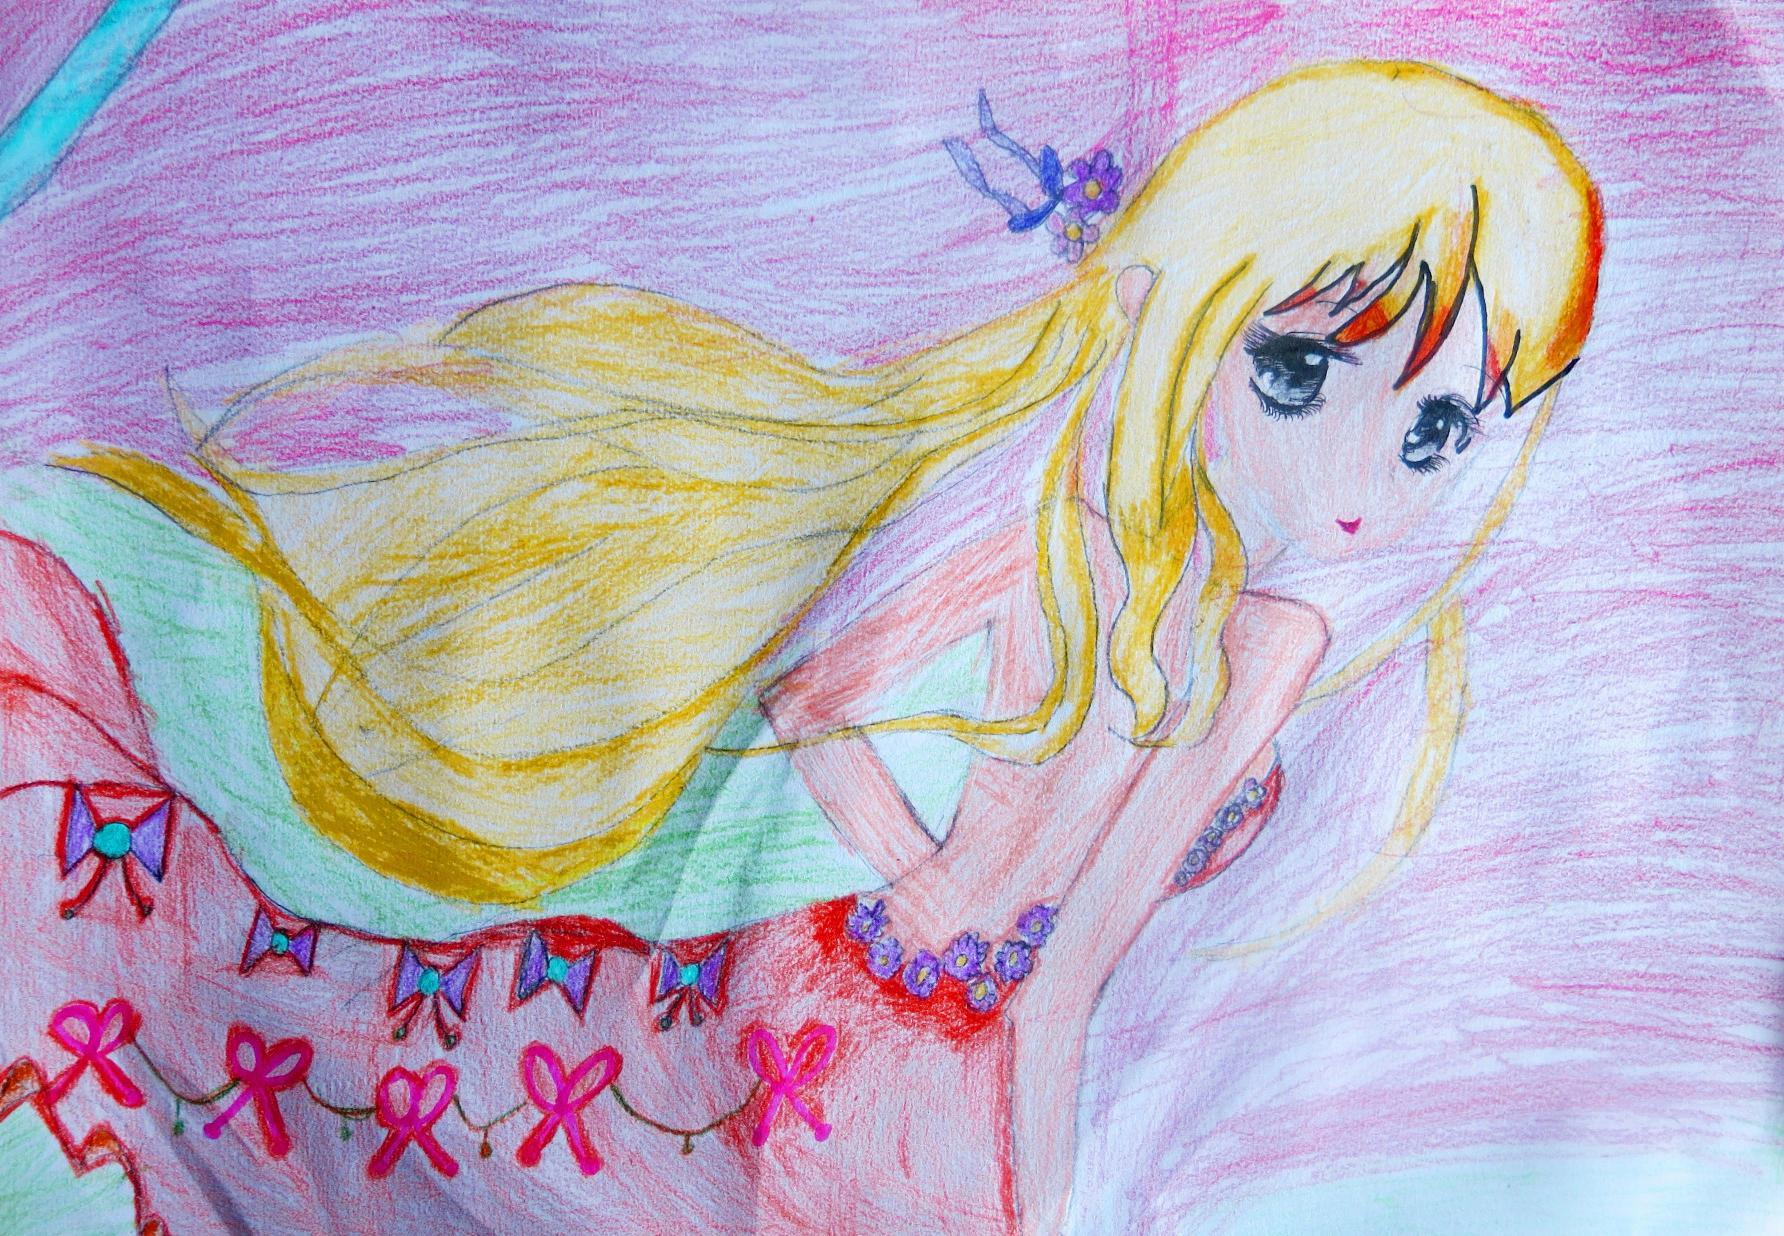 美少女的素描或蜡笔画